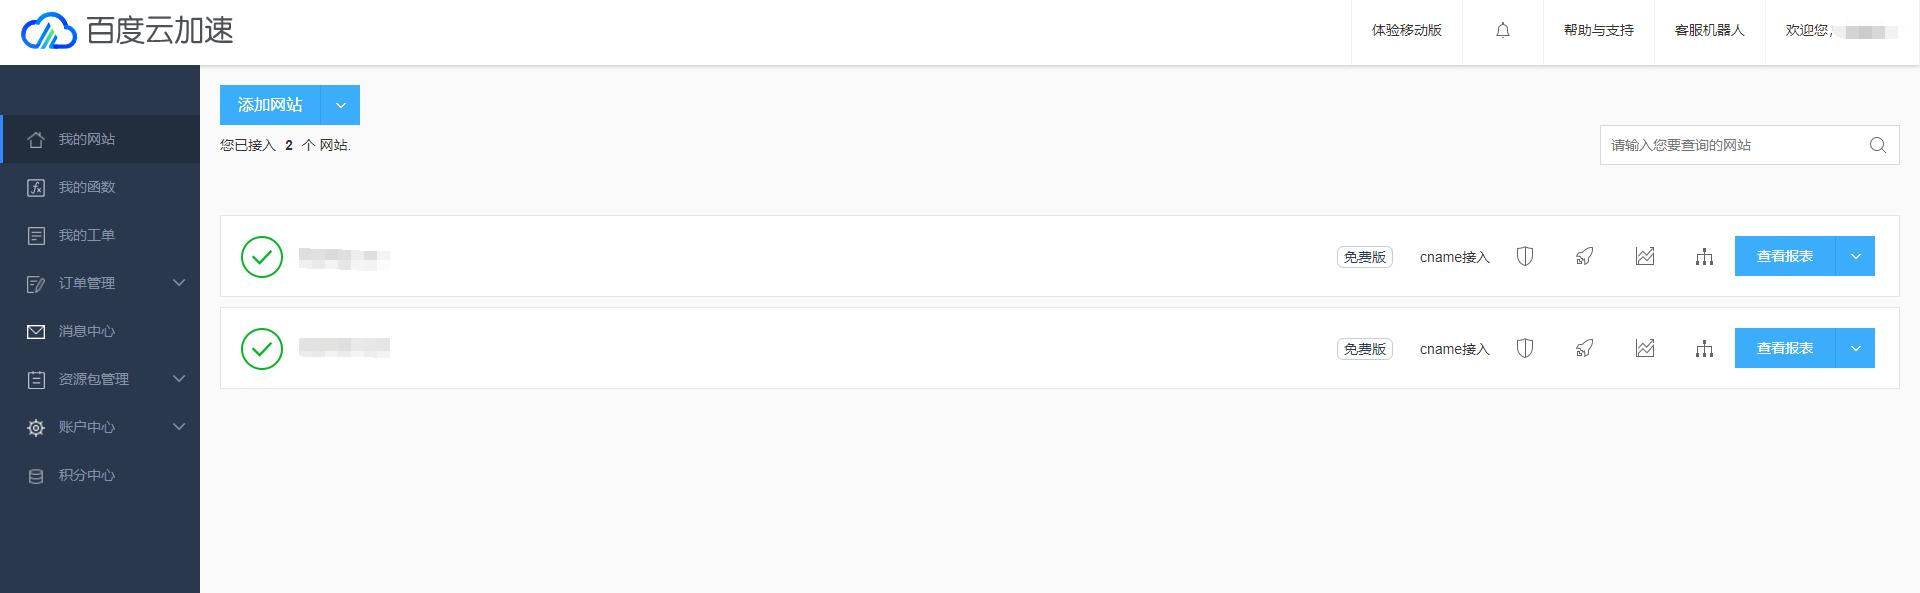 久等了 百度云加速免费版现已支持https!